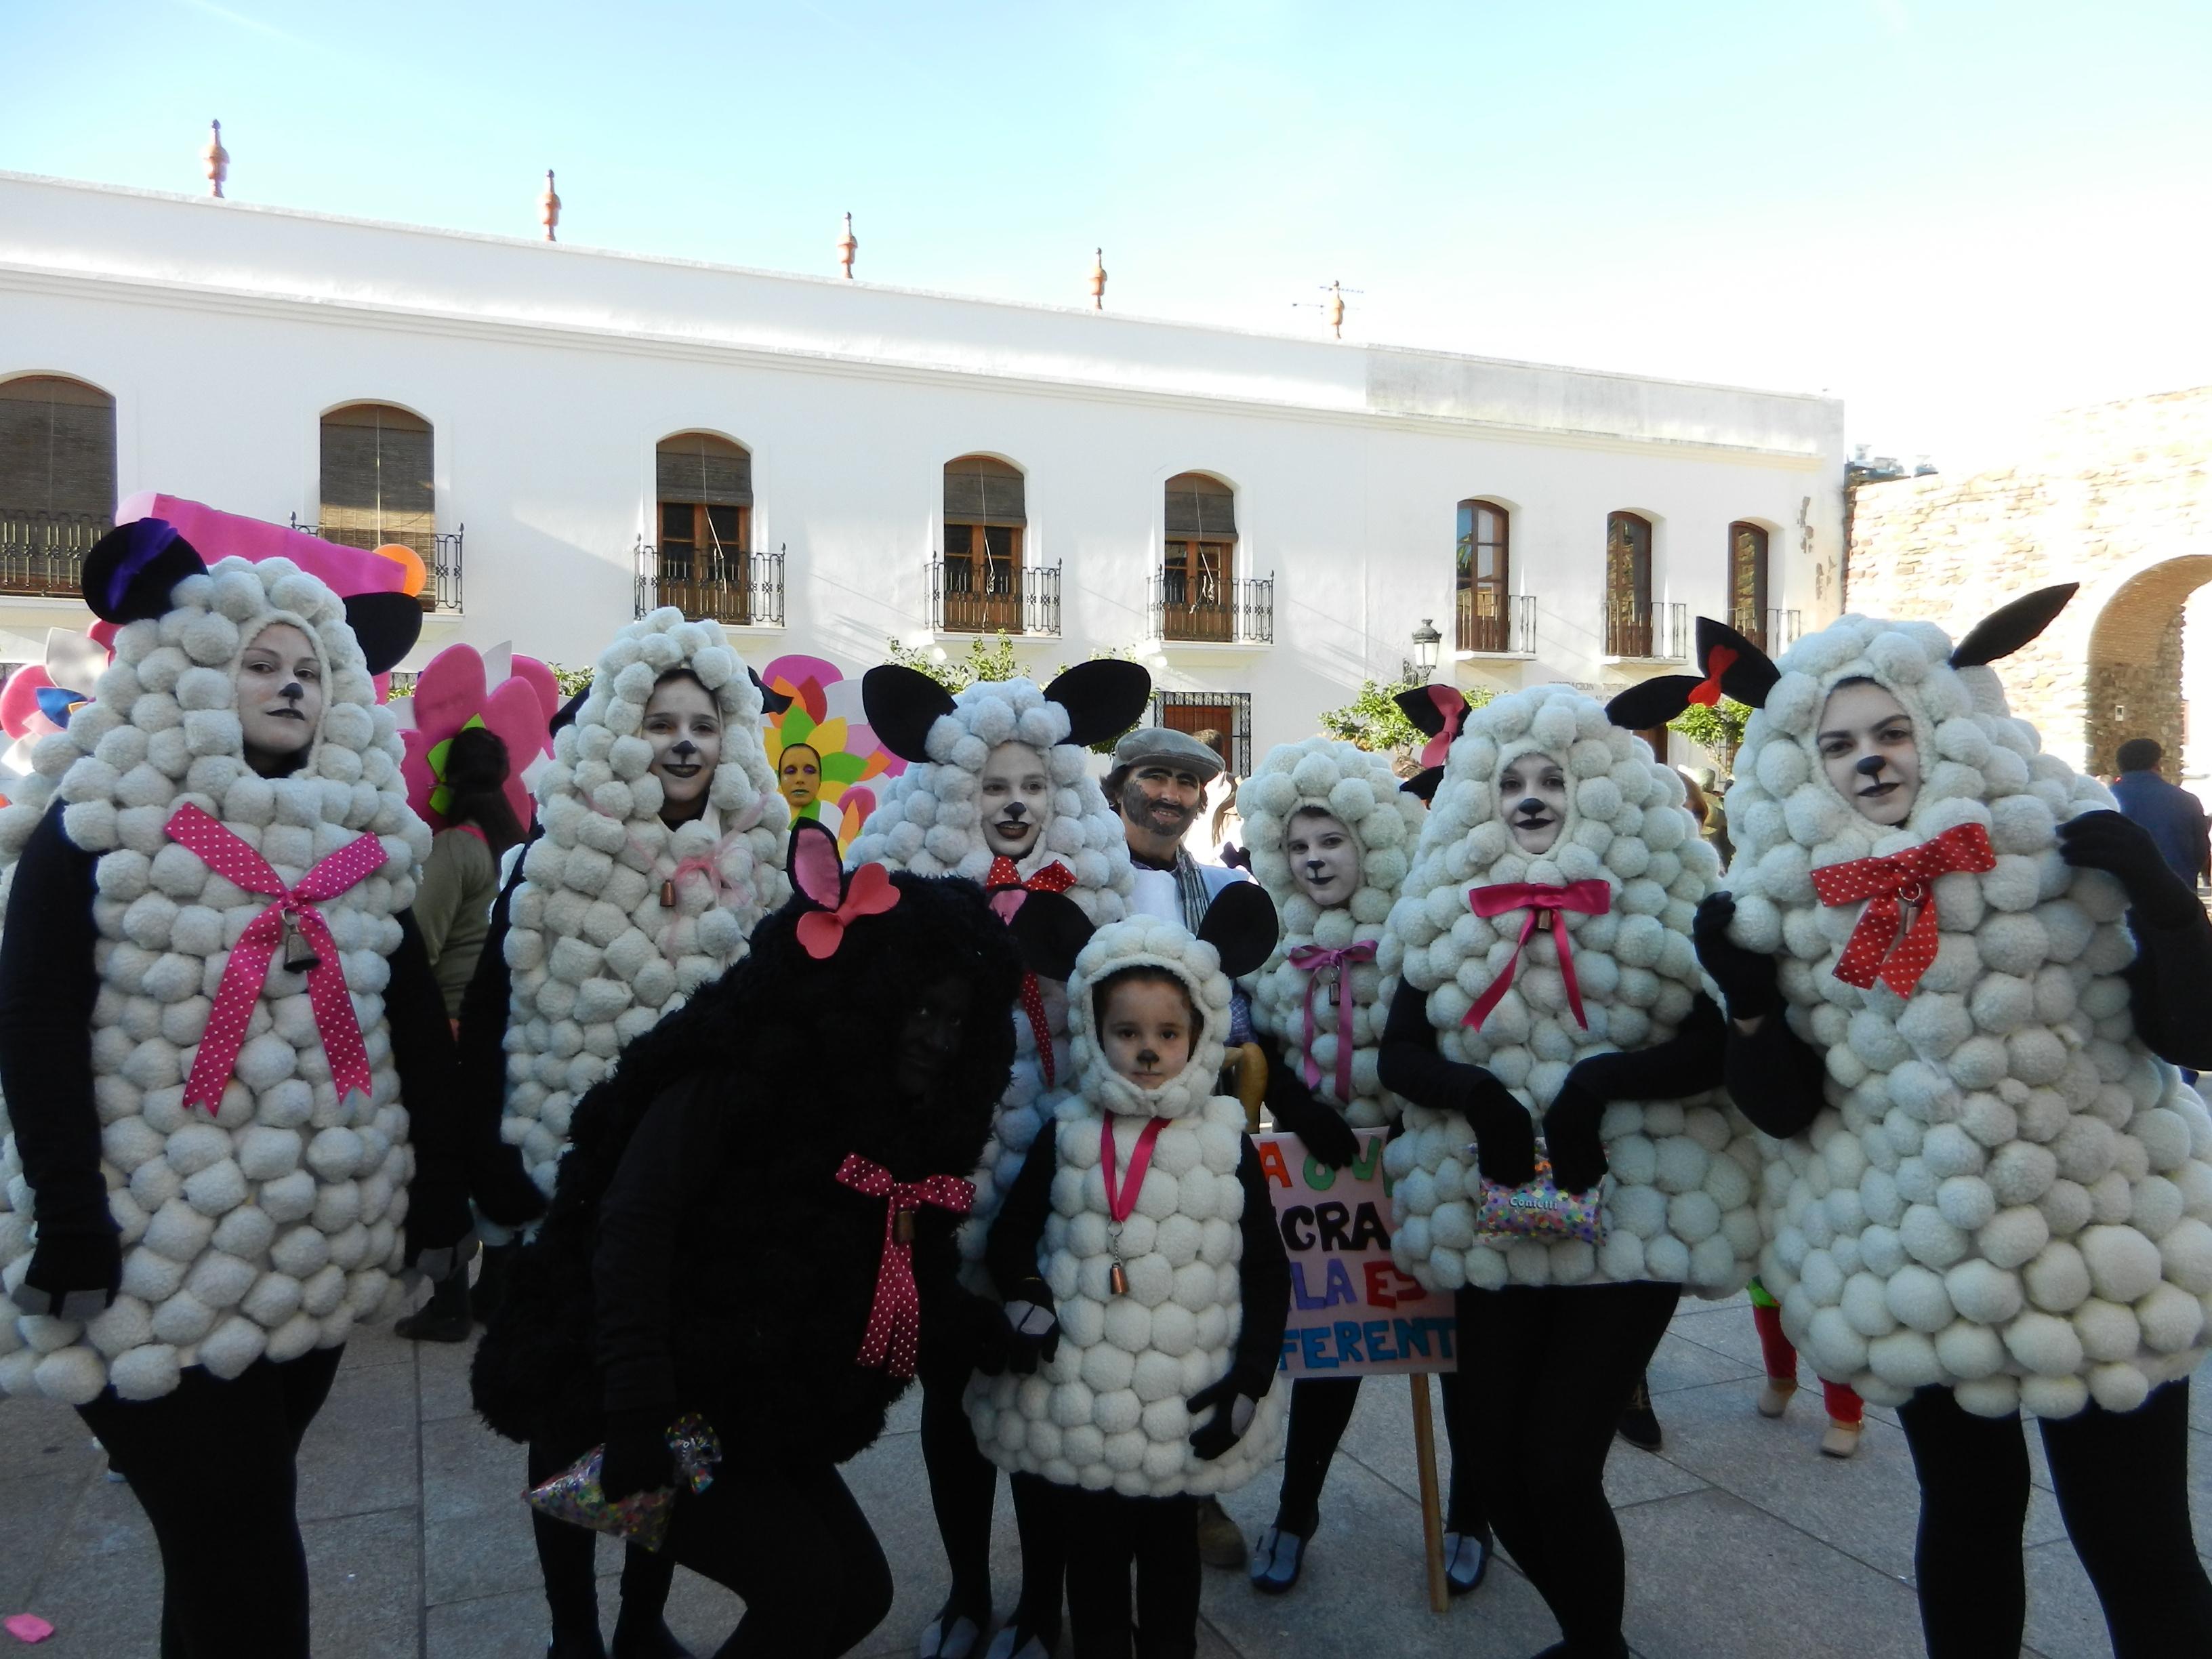 El rebaño de ovejas en el desfile